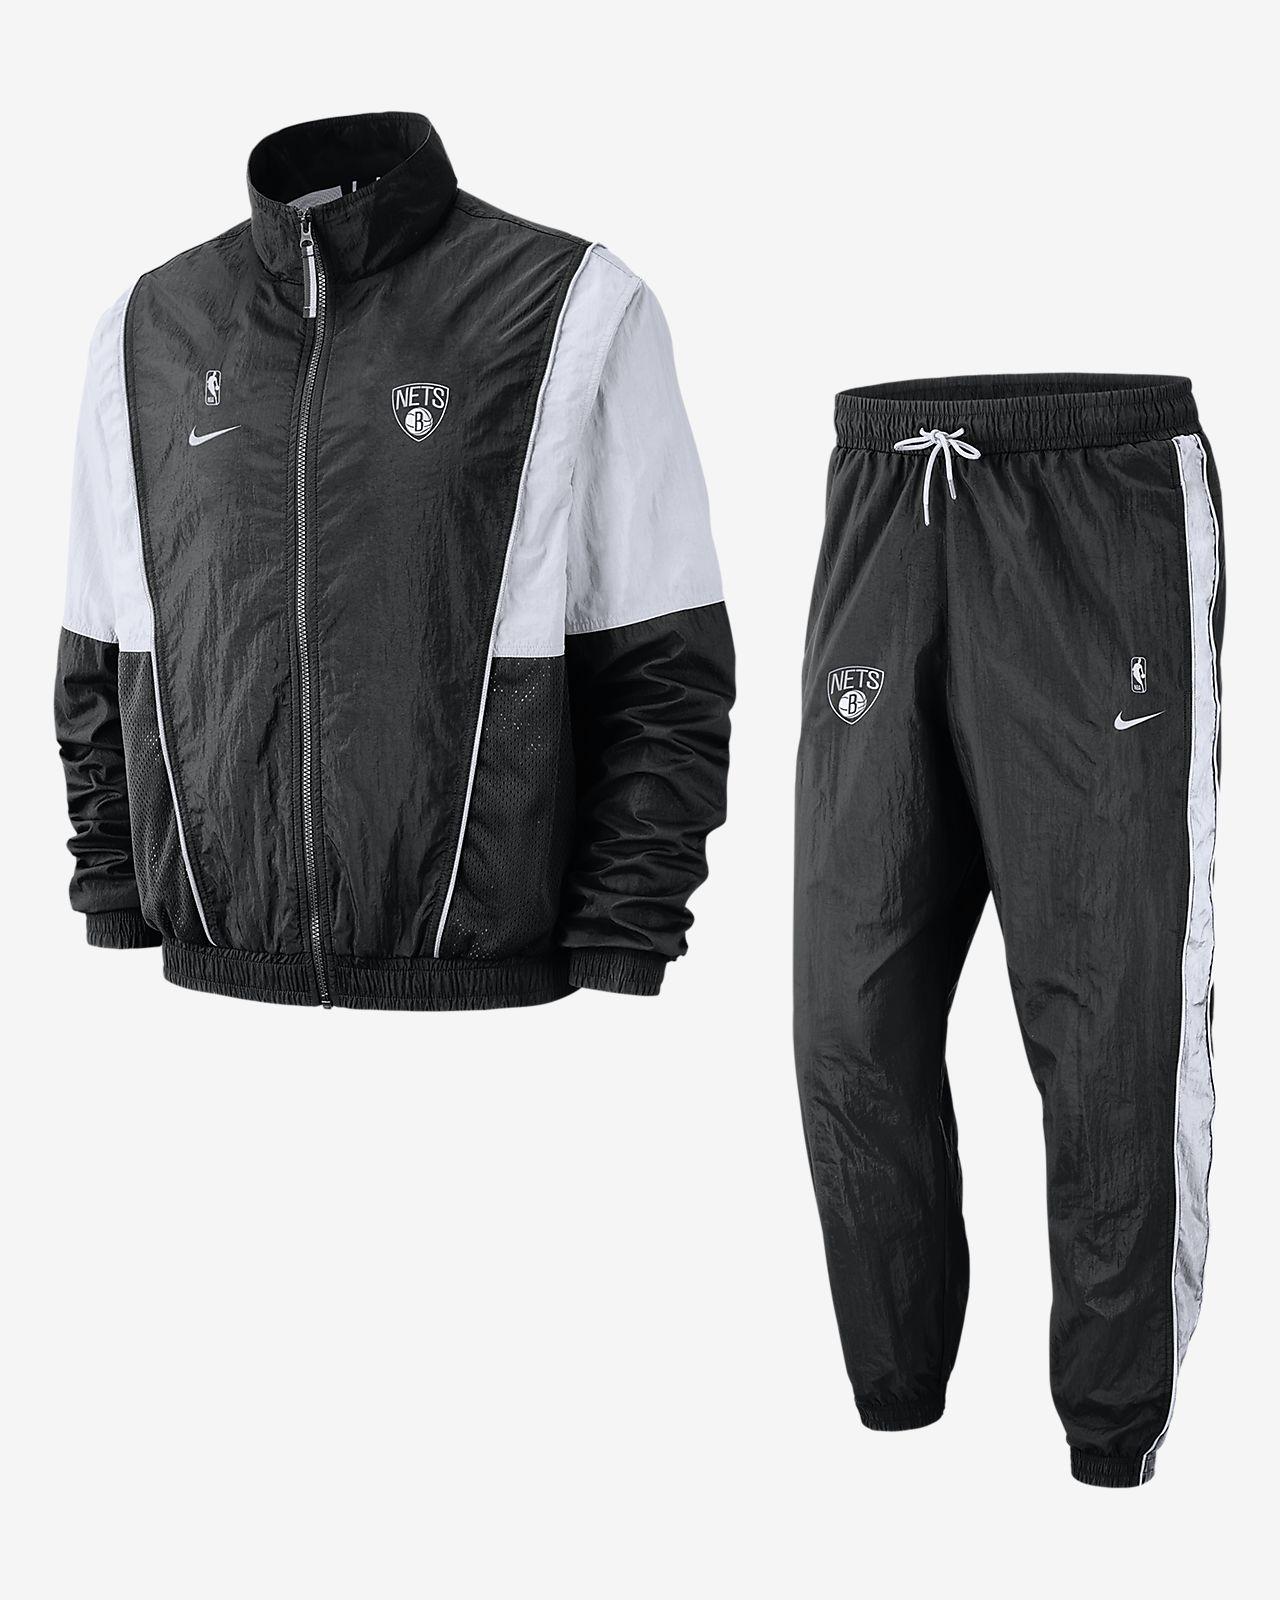 Brooklyn Conjunto Nike Entrenamiento De Hombre Nets Para Nba 1XWqpcrvX